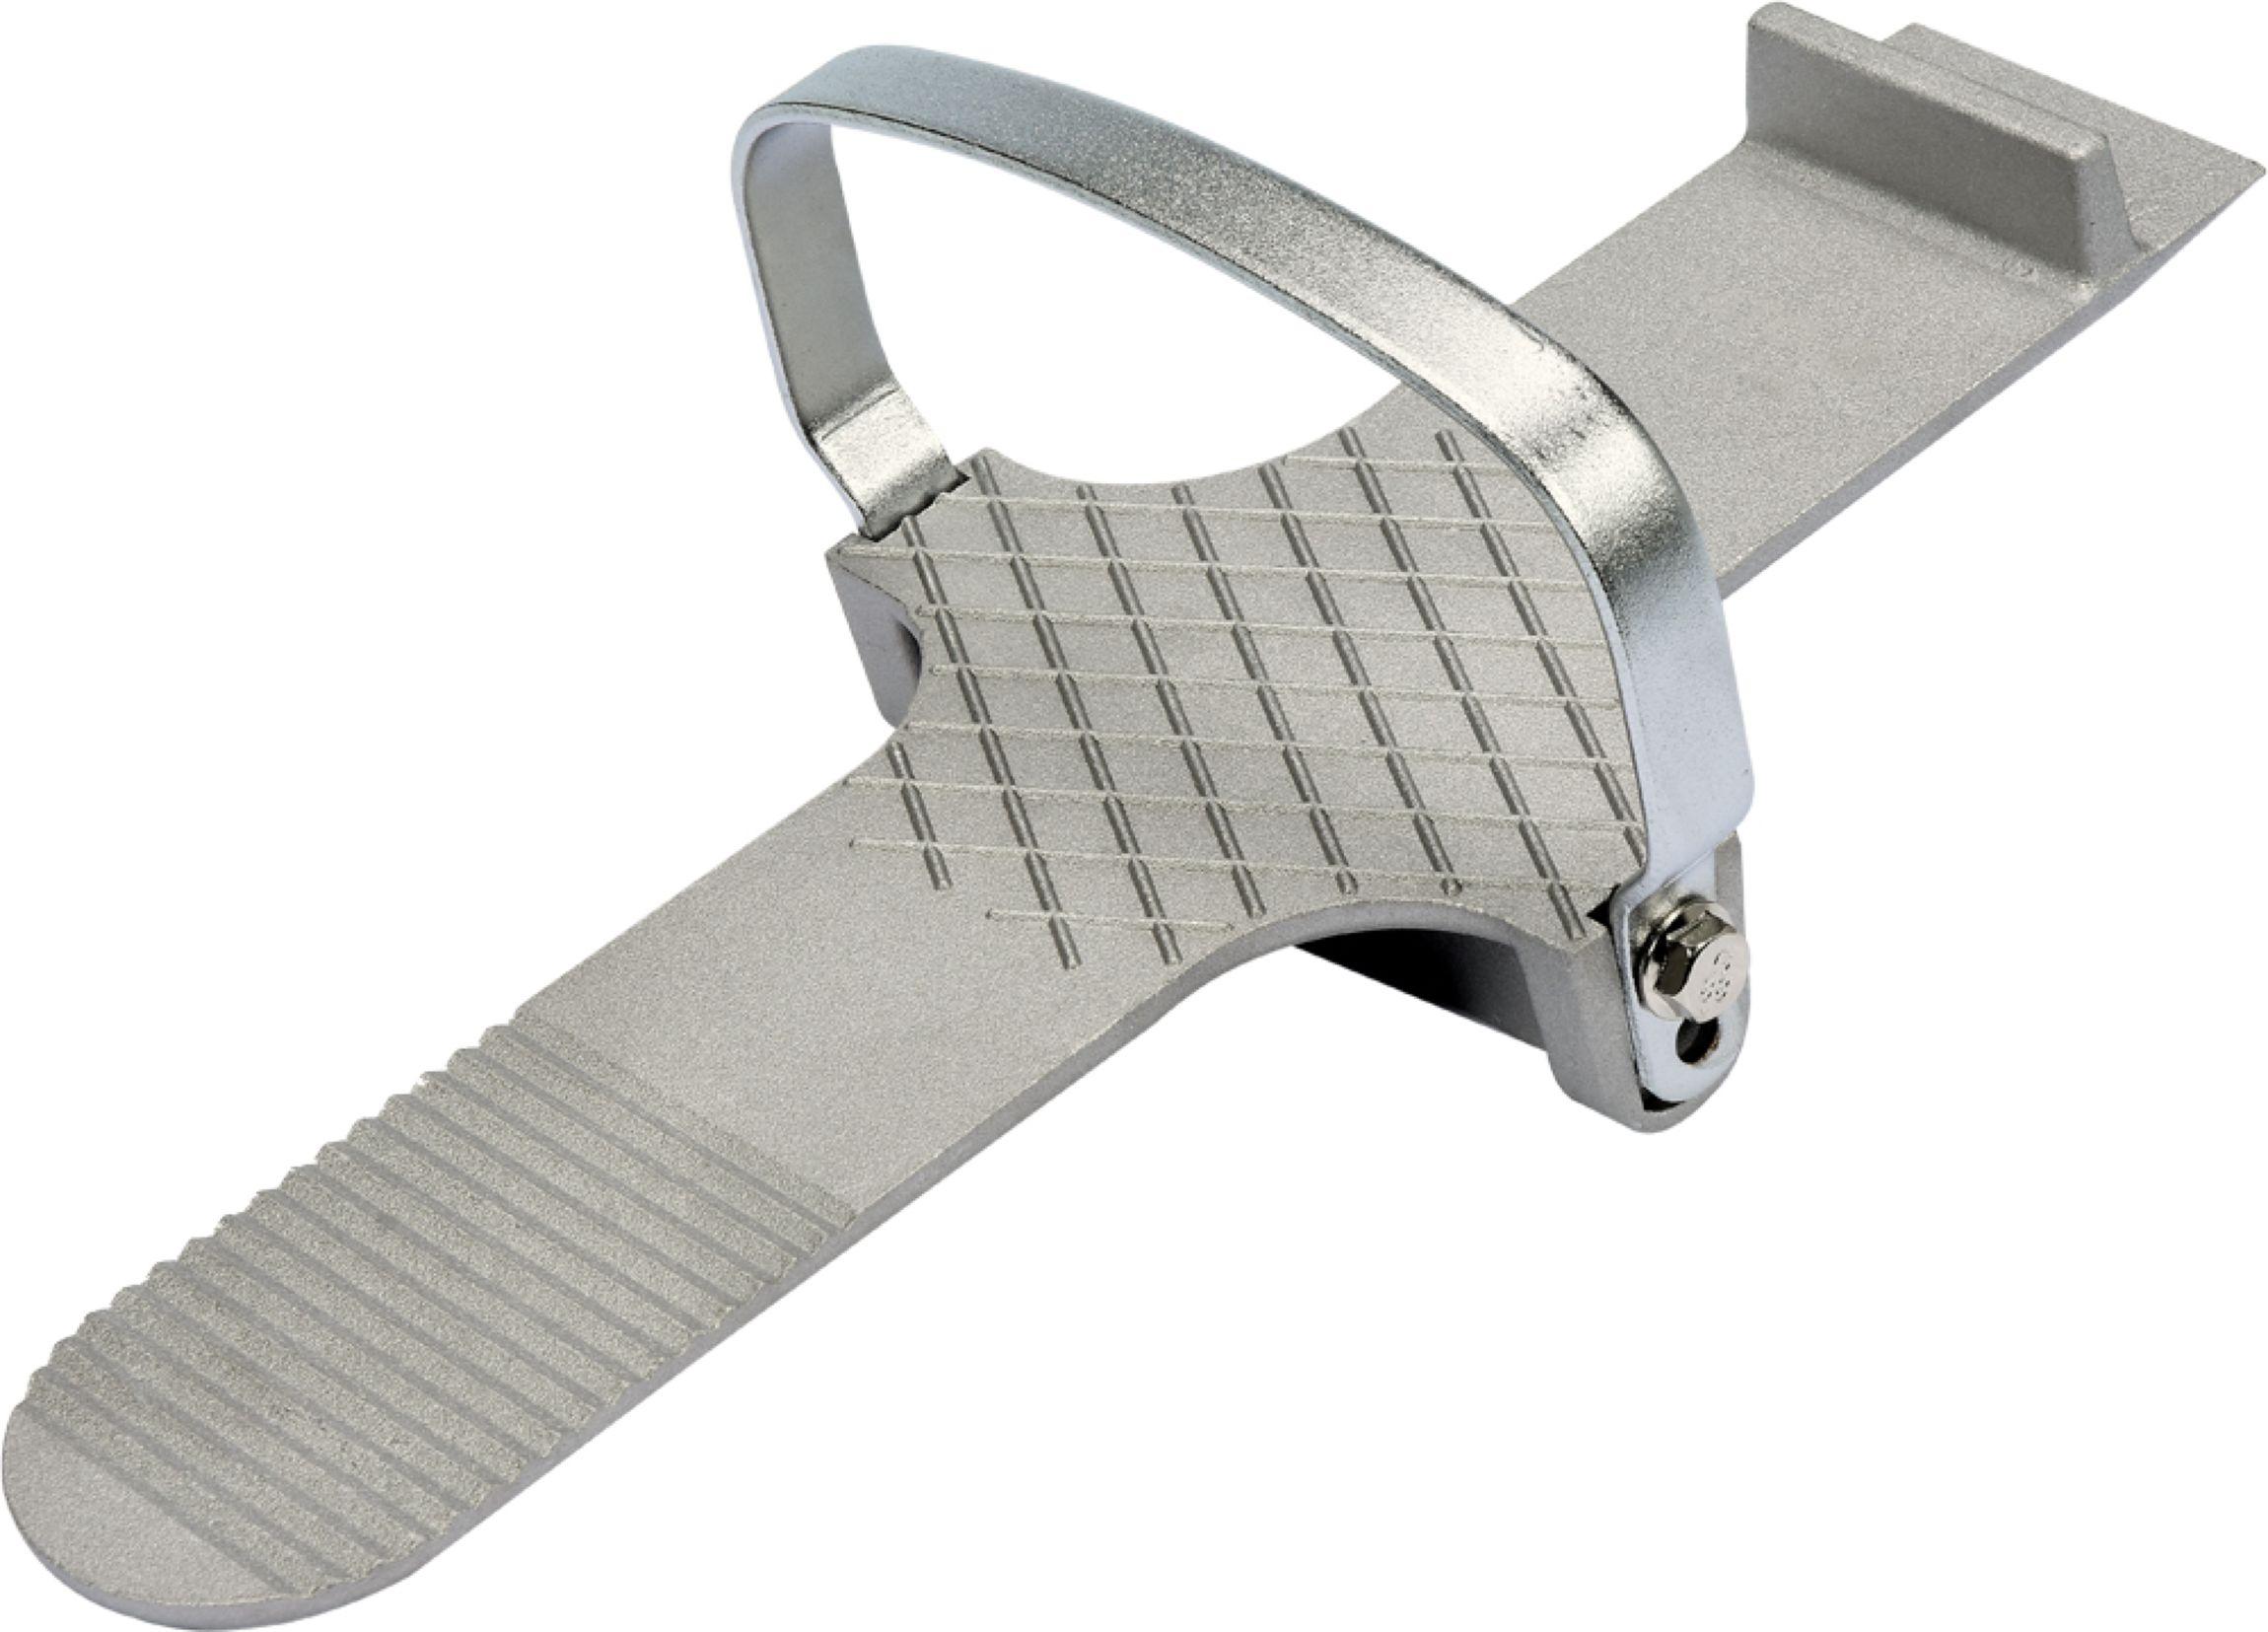 Páka pro zvedání plošiny ALU 55mm